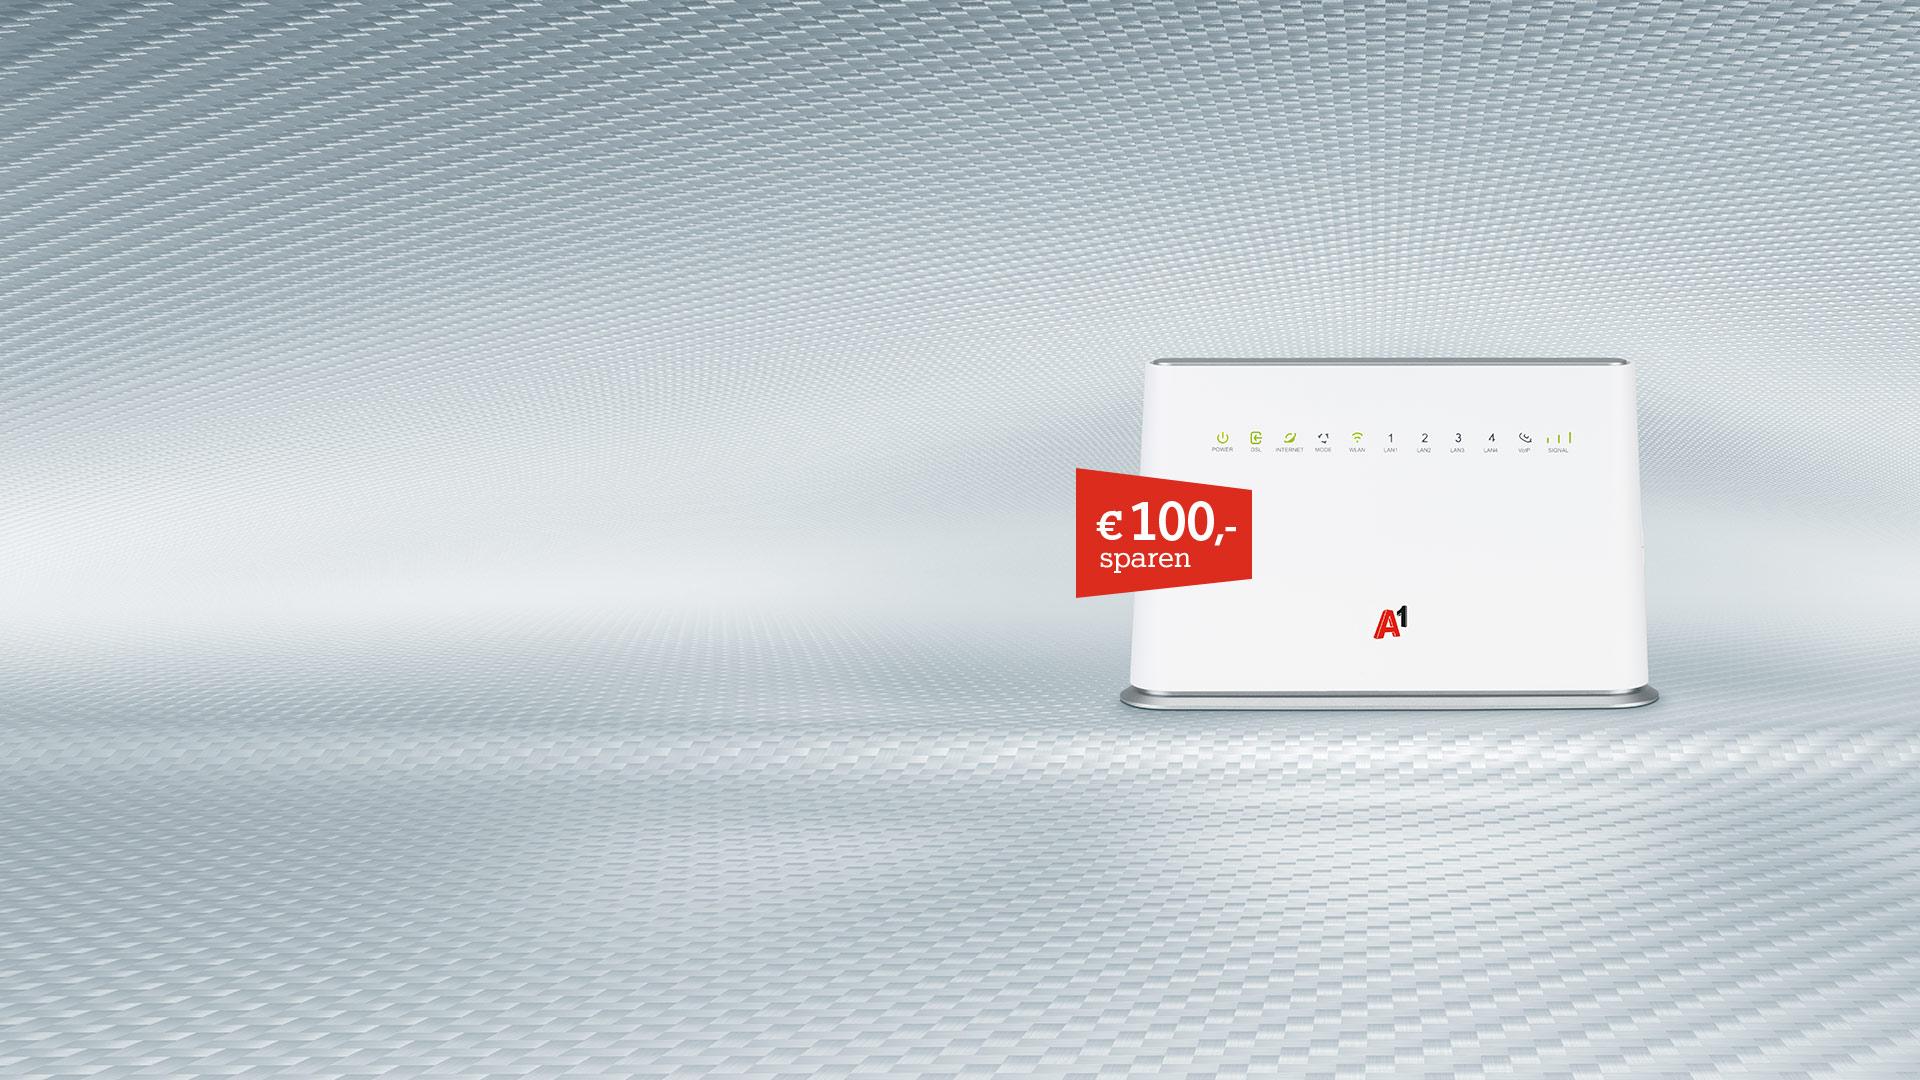 Internet für zuhause - € 100,- sparen